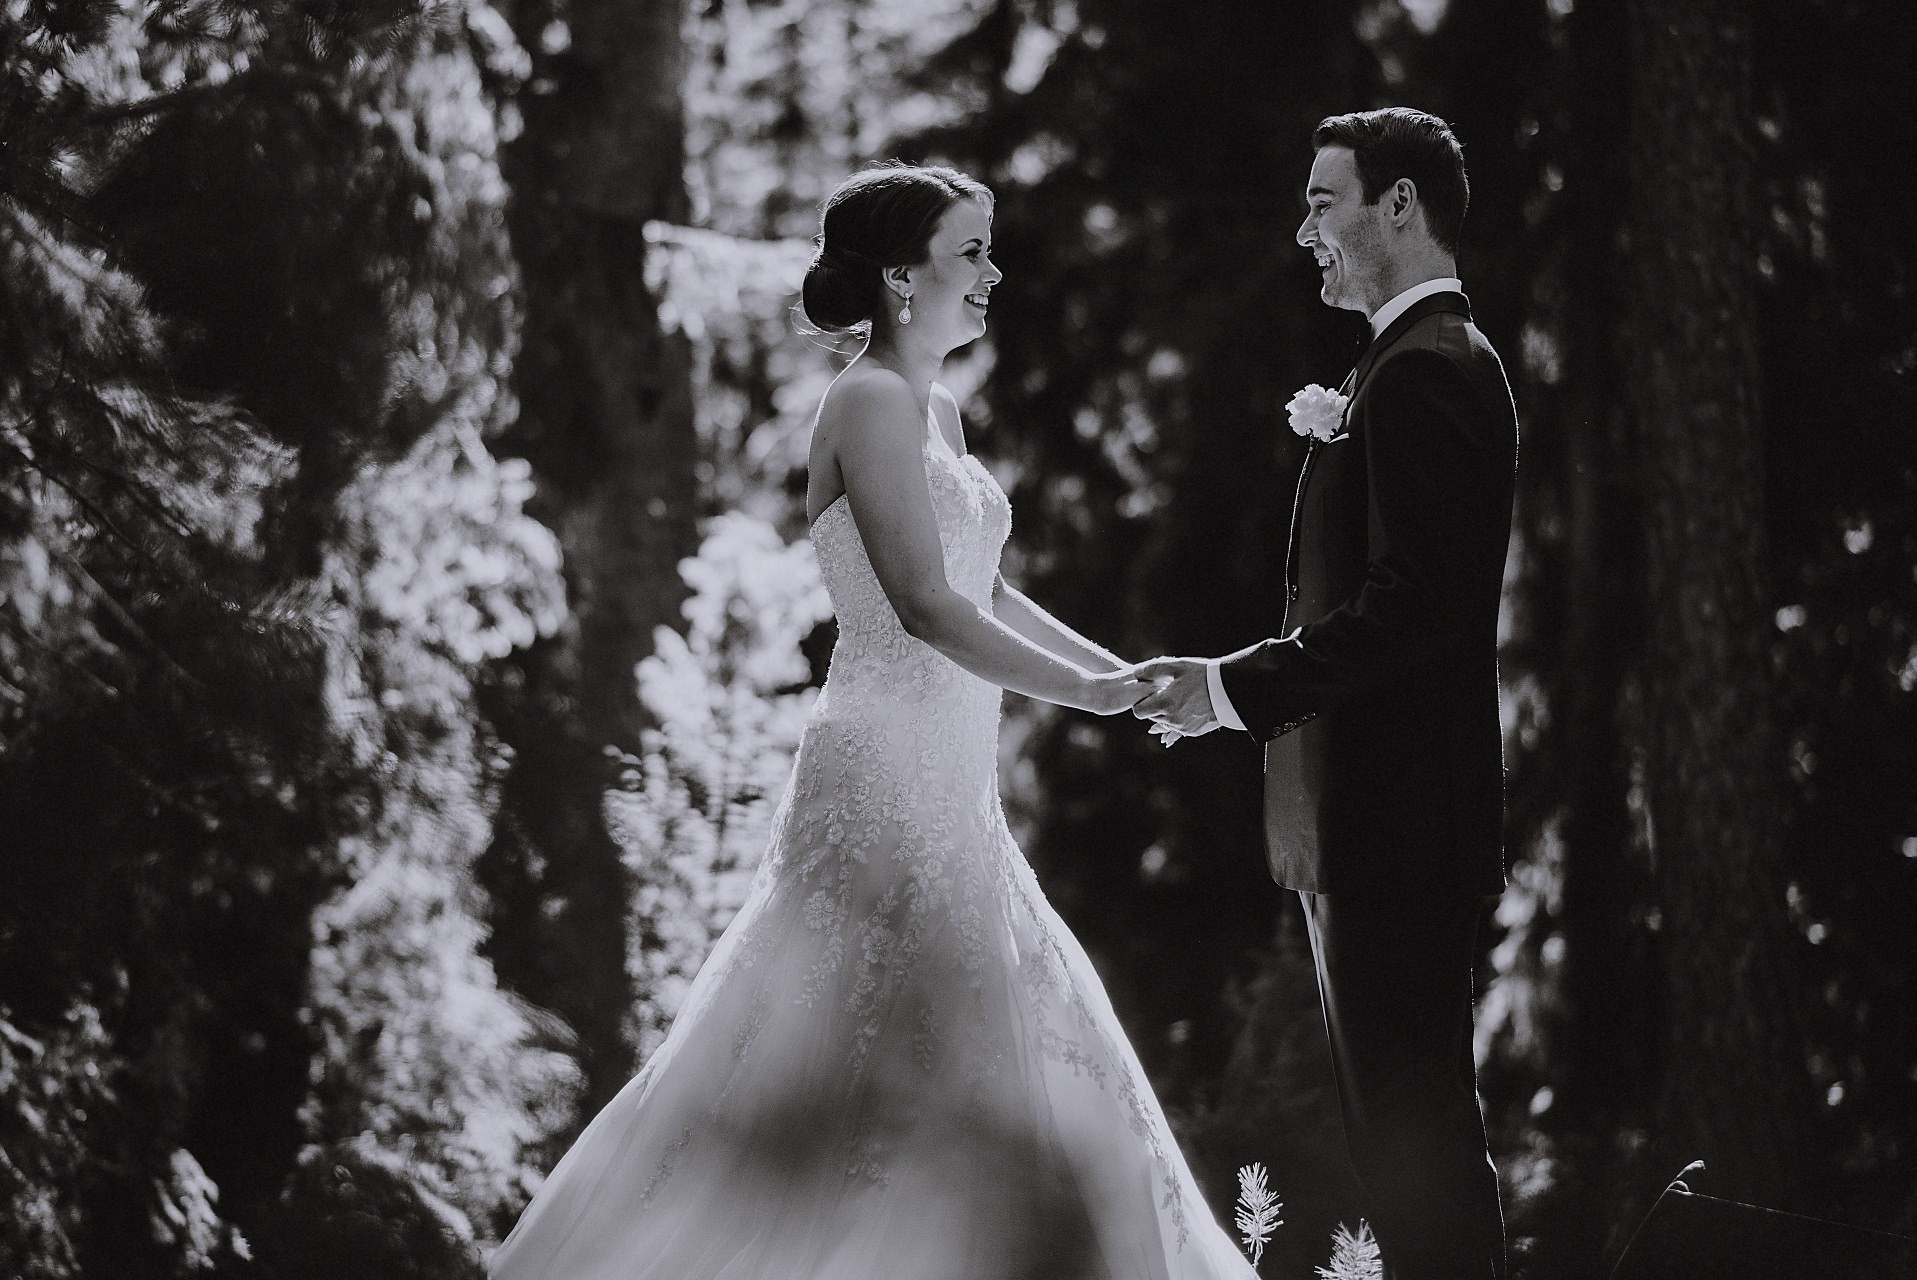 destination-wedding-photography-finland-miljookuvaus-haakuvaus-haakuvaaja-leena-juri-42-1